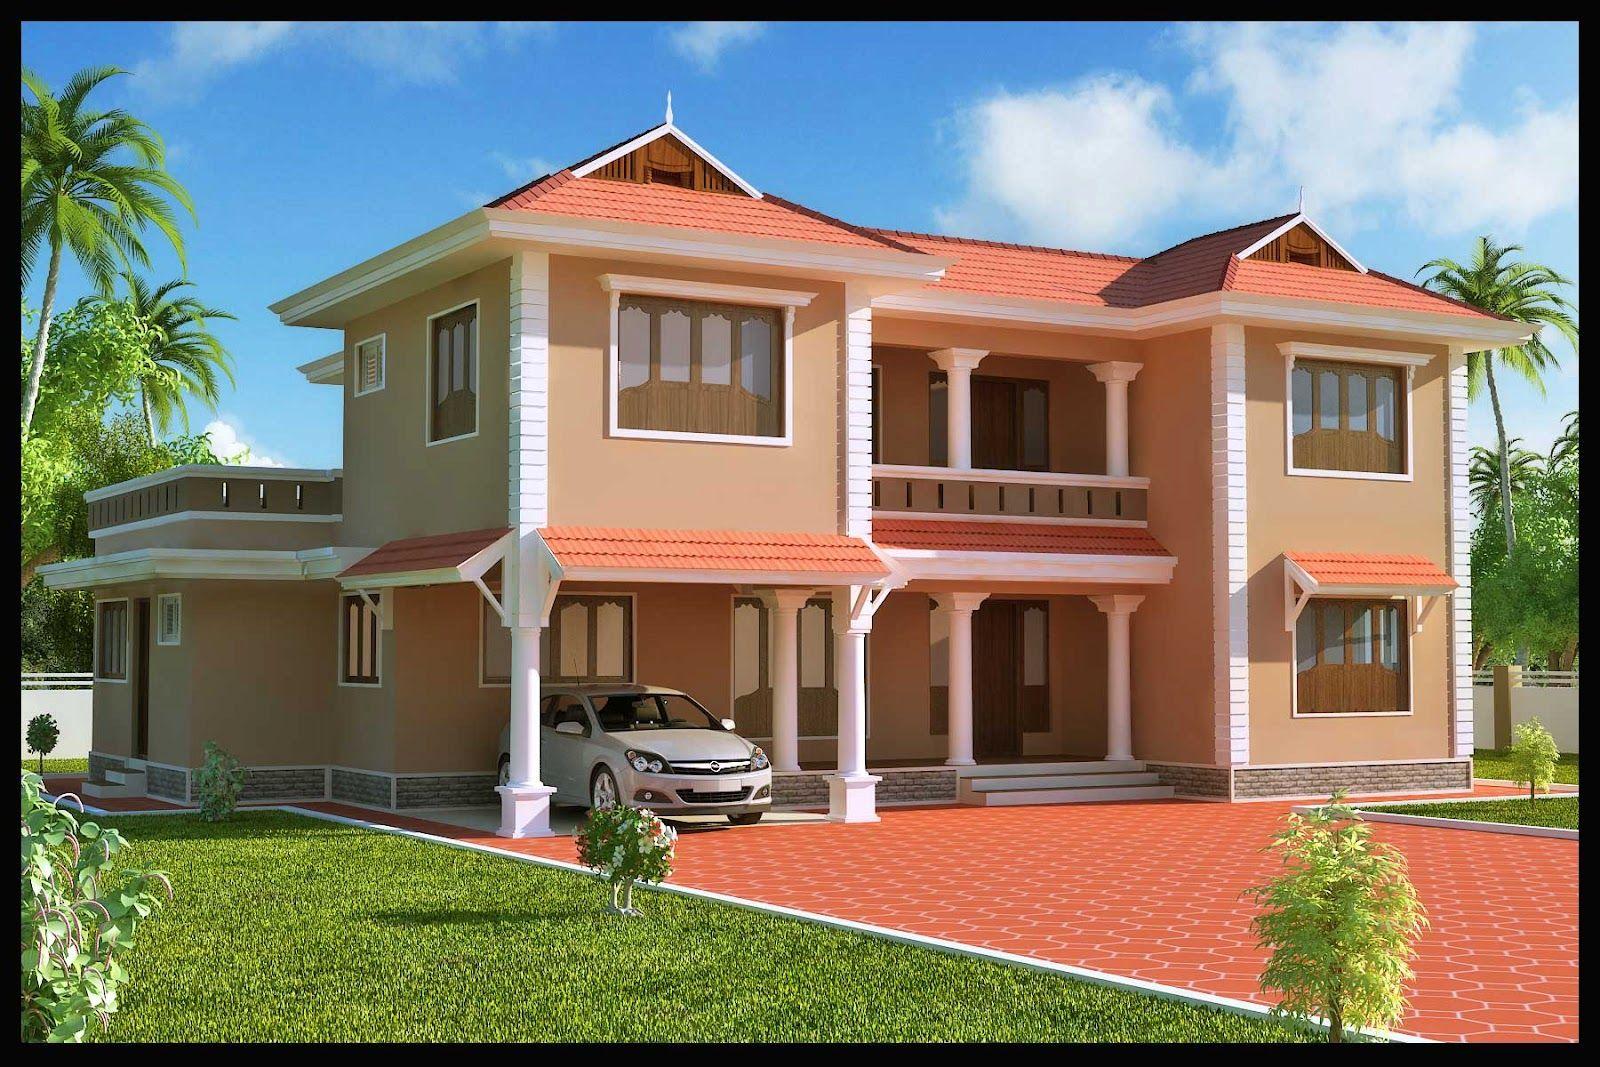 Terrific Slide2 Adjacent Colors Architecture Exterior Captivating Color Largest Home Design Picture Inspirations Pitcheantrous